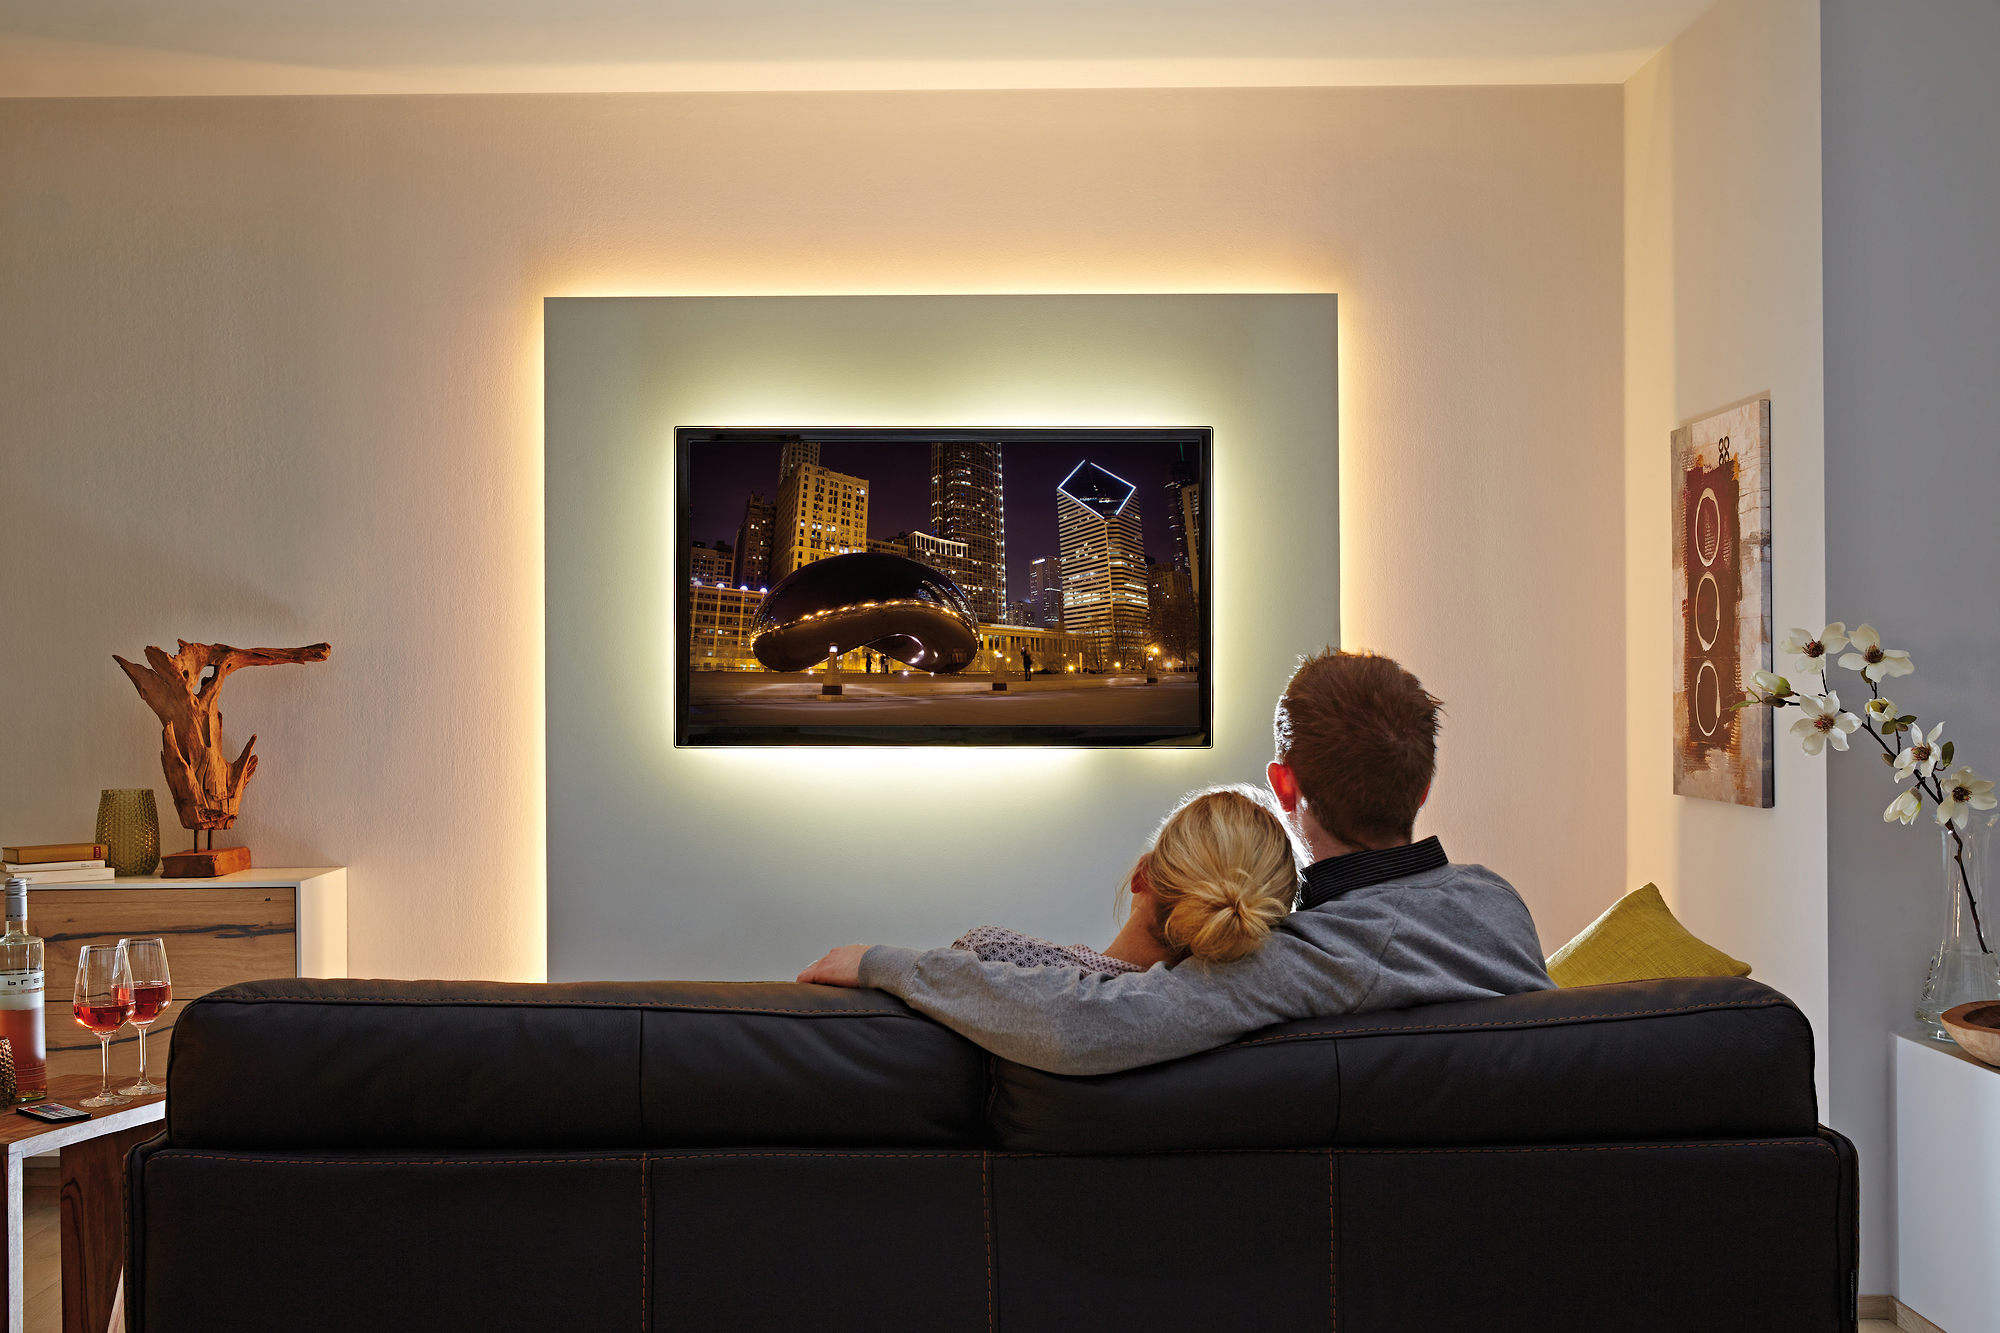 Full Size of Wohnzimmer Led Mit Wohnzimmerleuchten Dimmbar Spots Wieviel Watt Lampe Ebay Fernbedienung Planen Beleuchtung Leiste Amazon Streifen Indirekte Braun Wohnzimmer Wohnzimmer Led